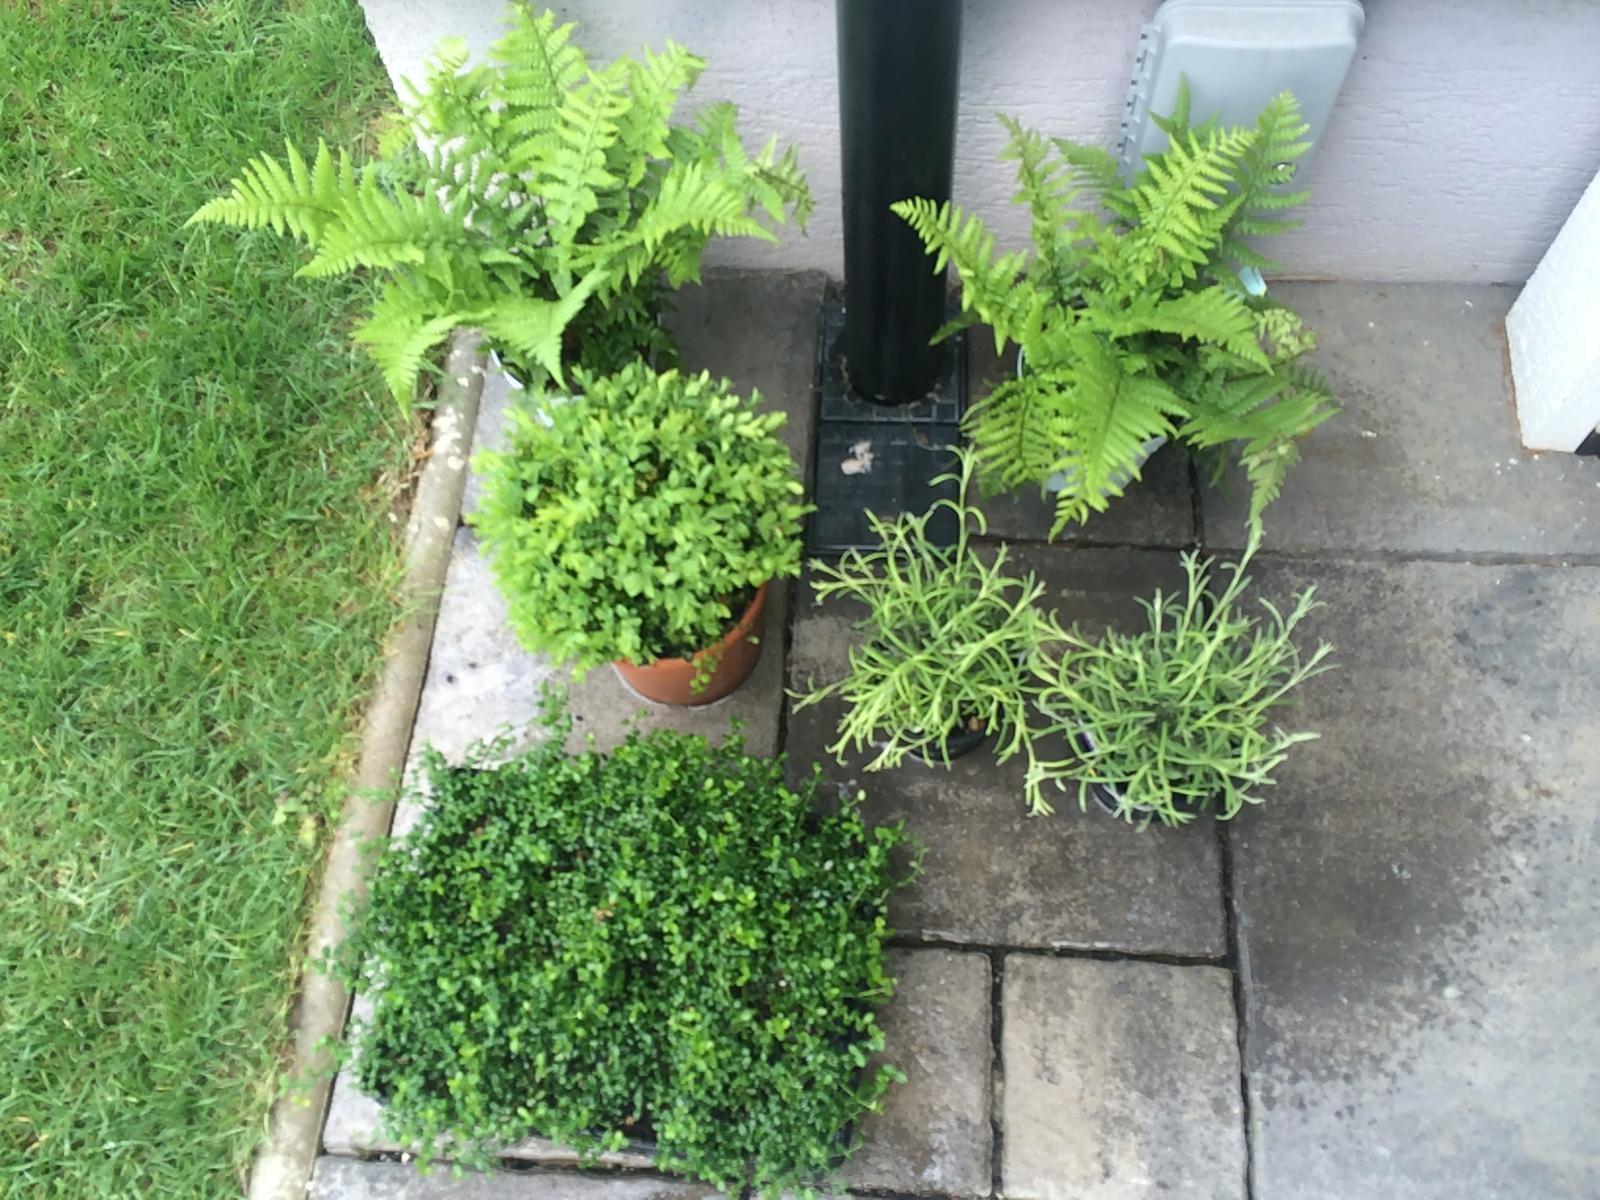 Zahradka - Čaká na vysadenie